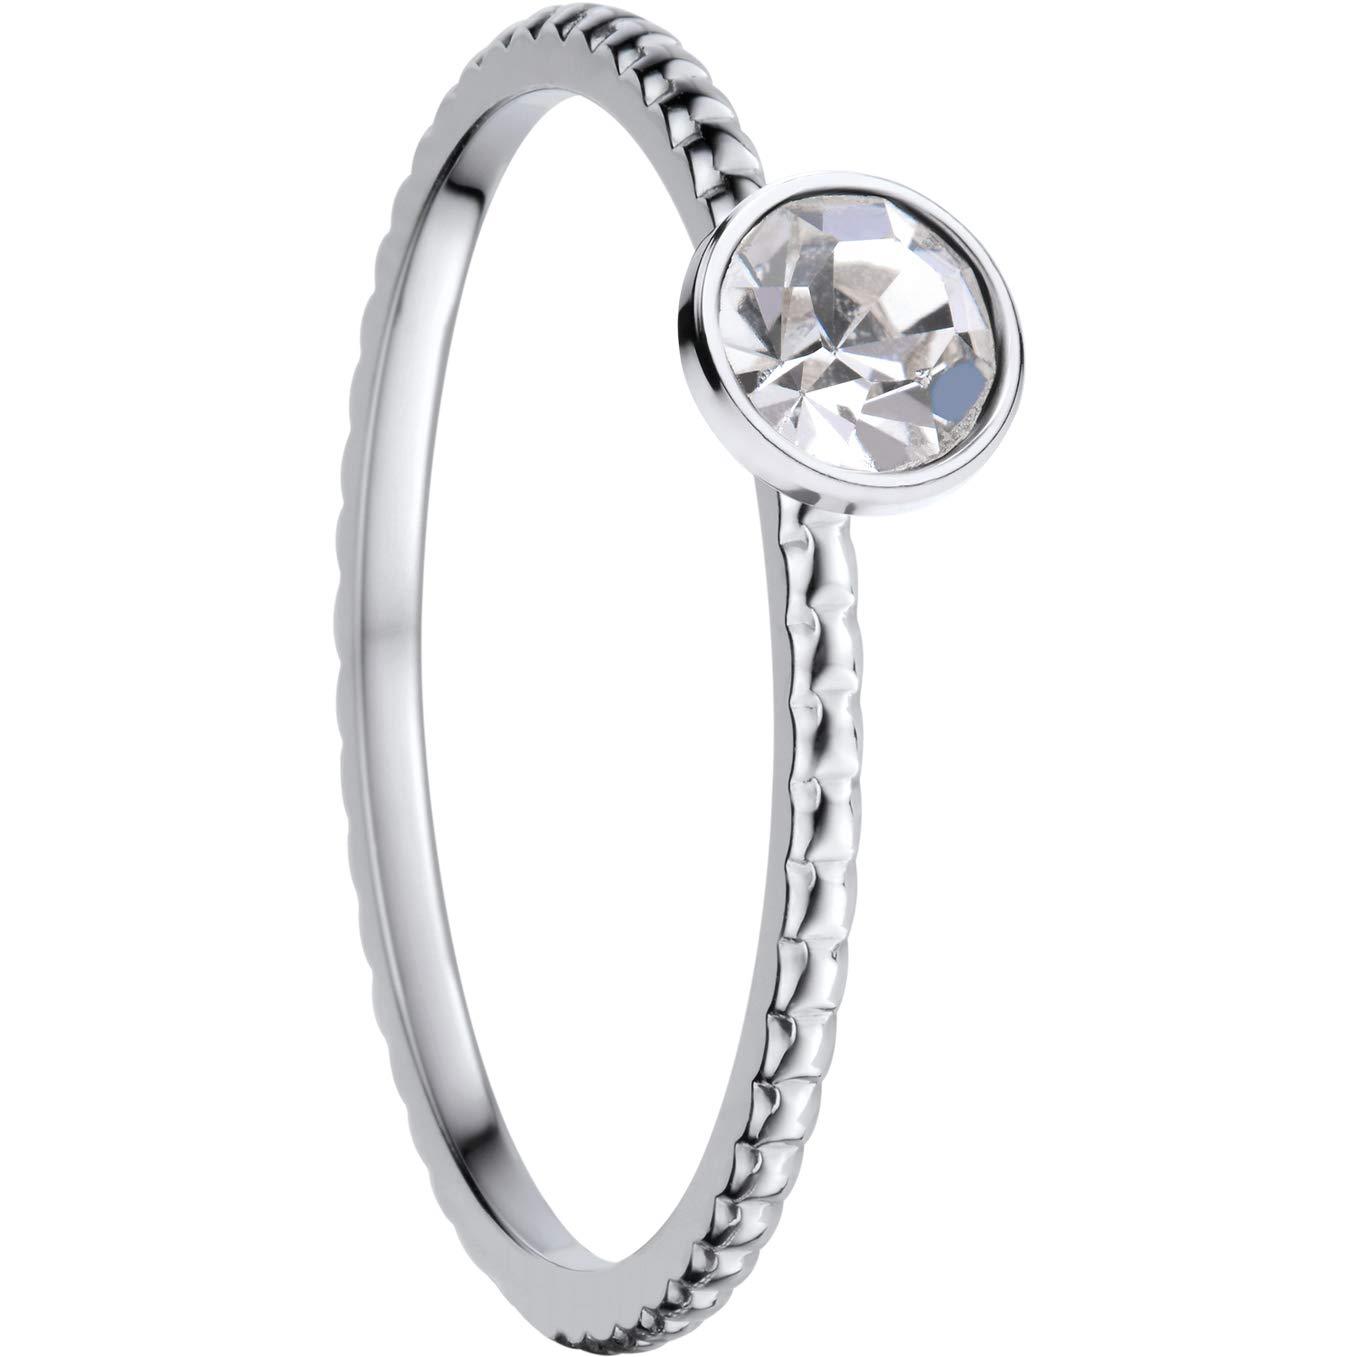 Bering Innenring 562-17-80 Zirkonia Element ultraschmal Silber